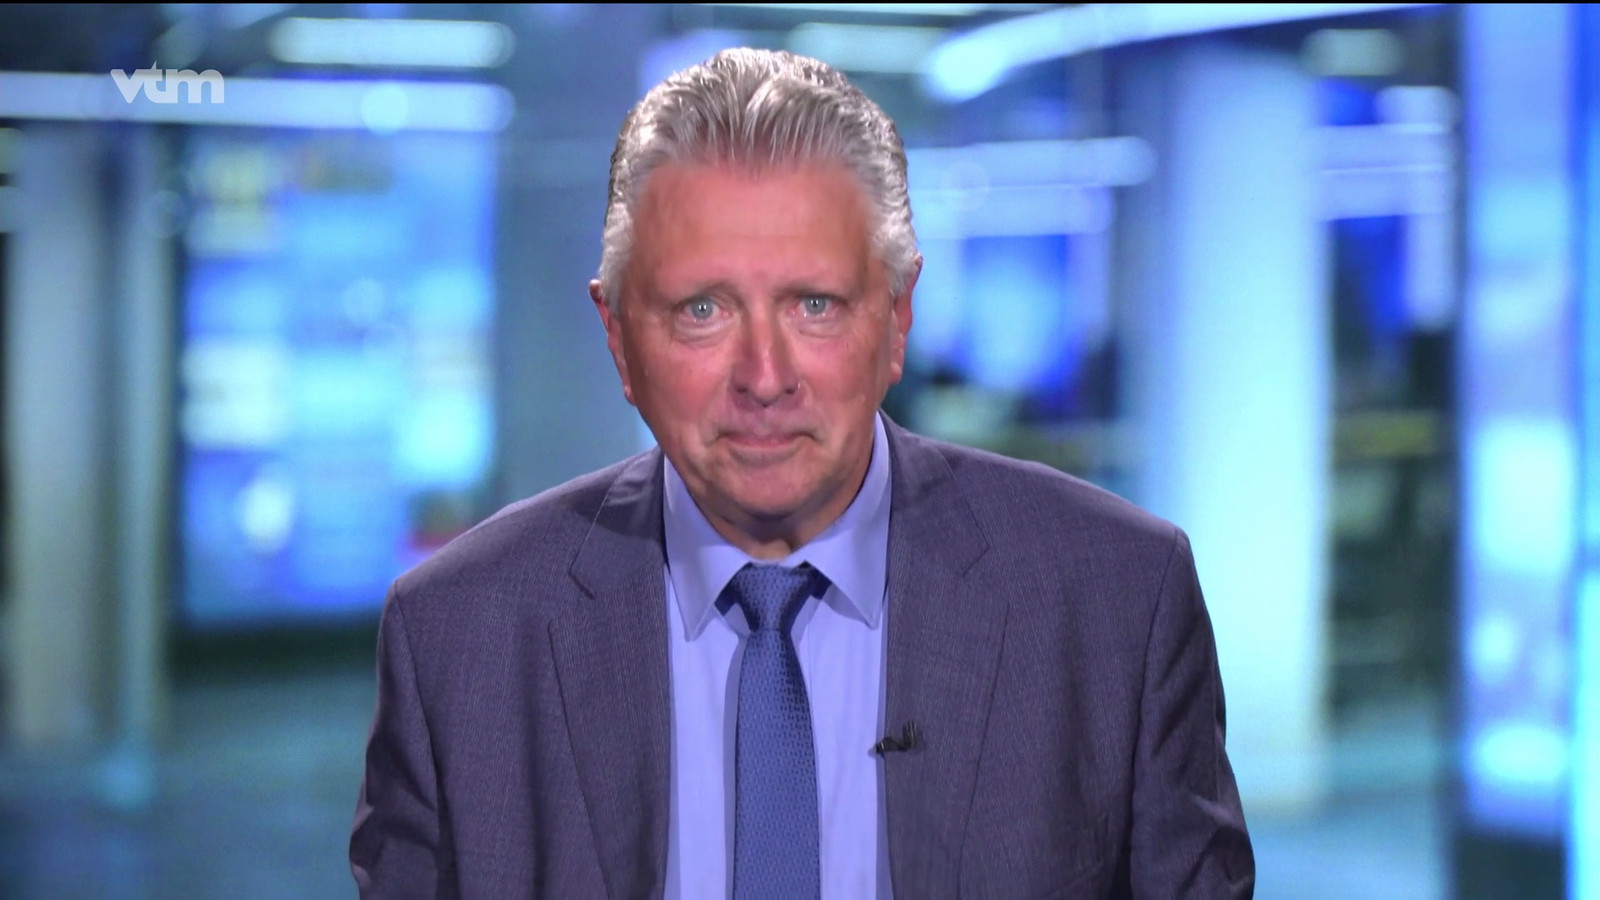 VTM nieuws moest uitzenden vanuit een noodstudio in Vilvoorde. Dany Verstraeten was de presentator van dienst.